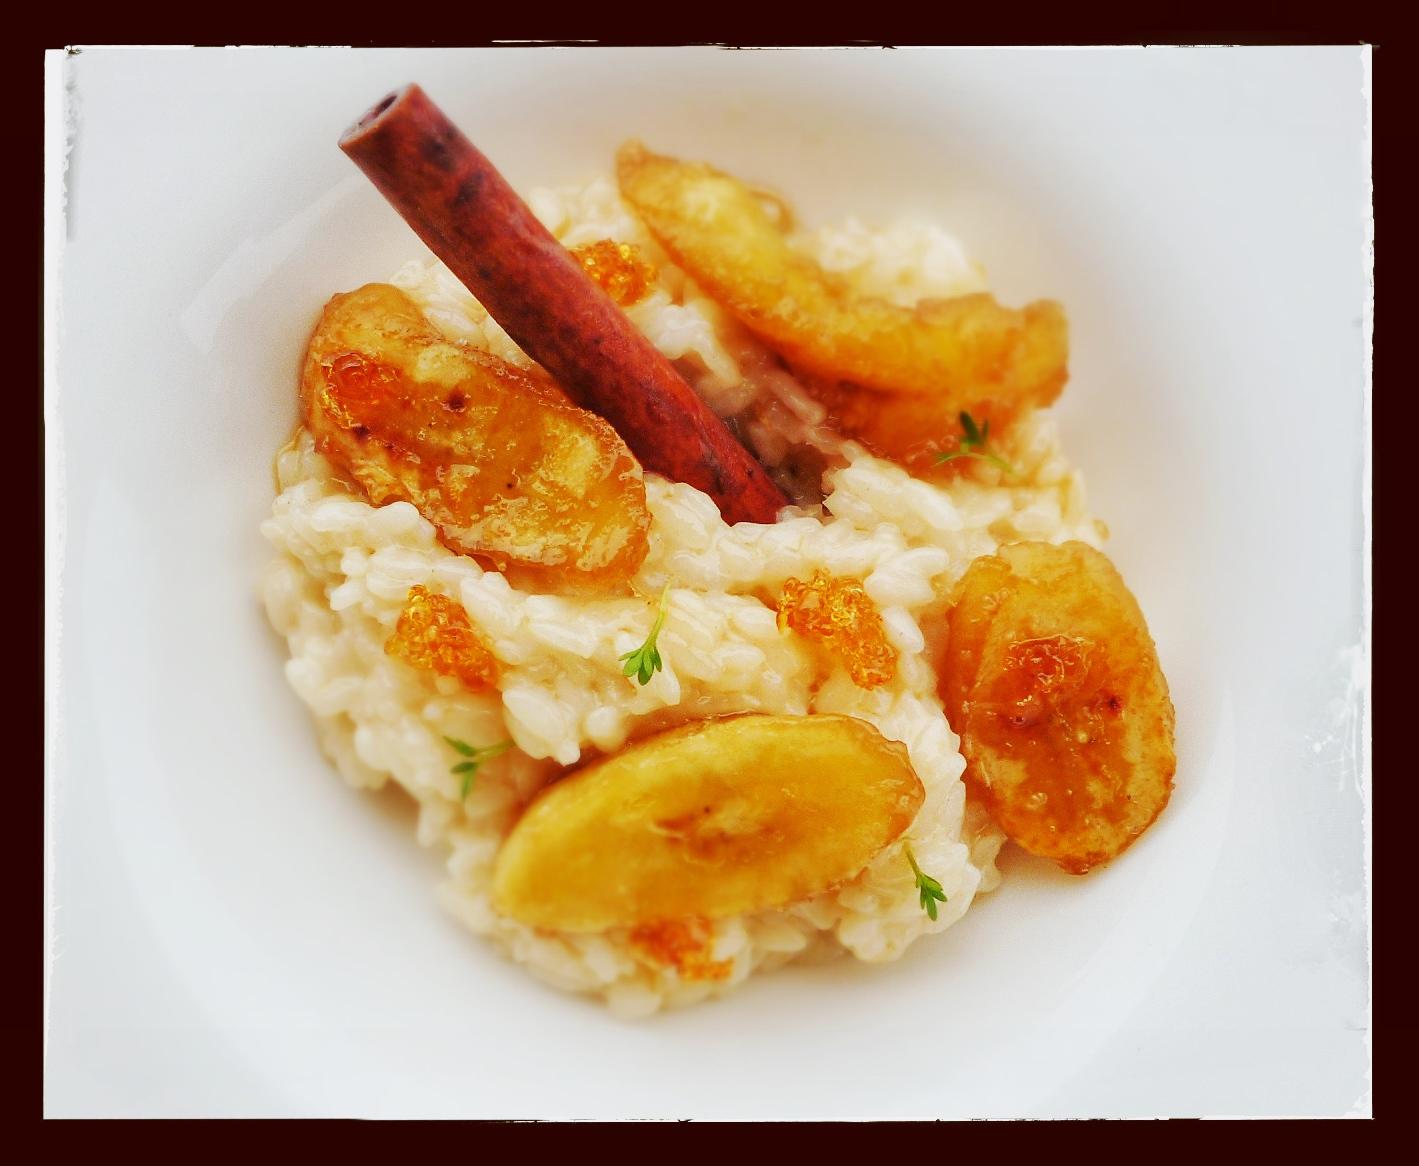 Bursztynowe risotto